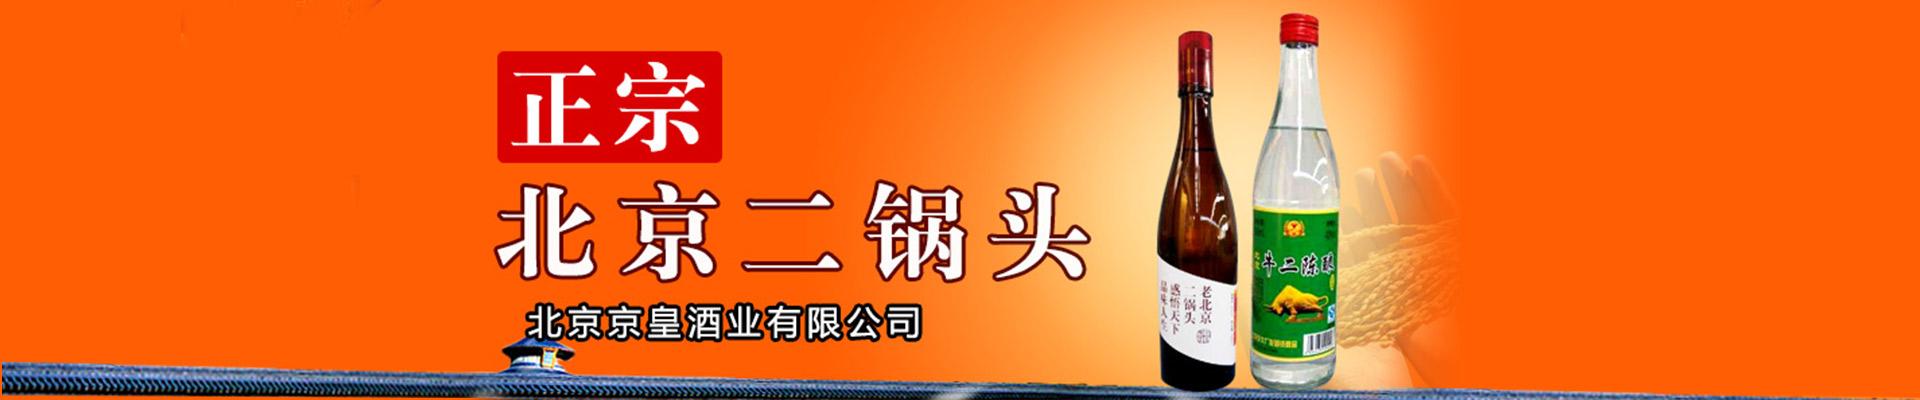 北京京皇酒业有限公司